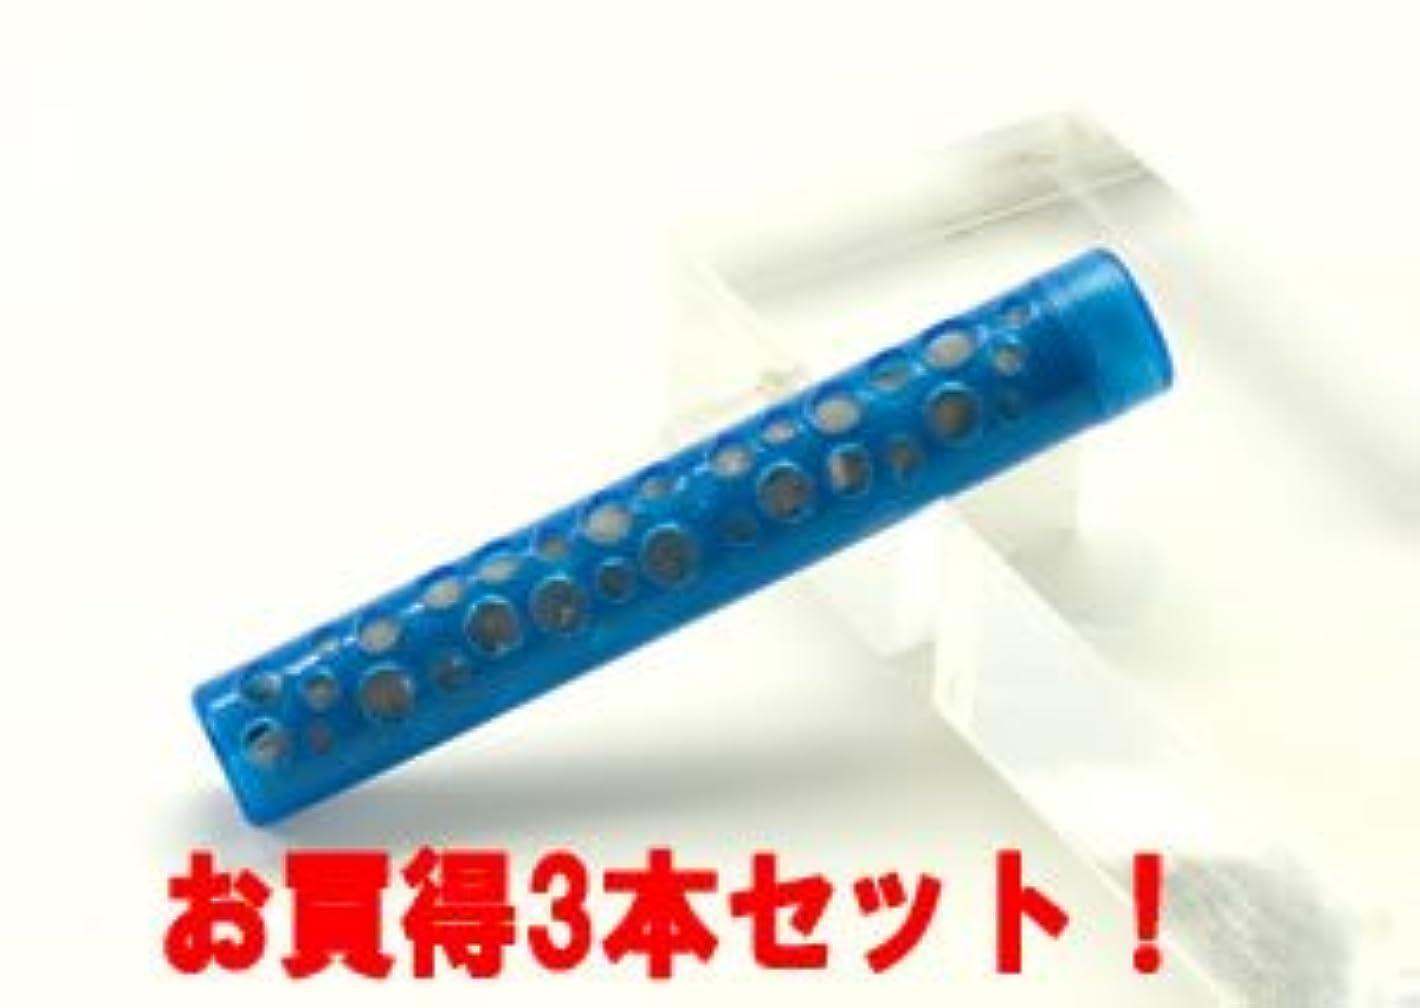 溶融拡声器伝えるプラズマプラクシス(ブルー)(お買得3本セット)